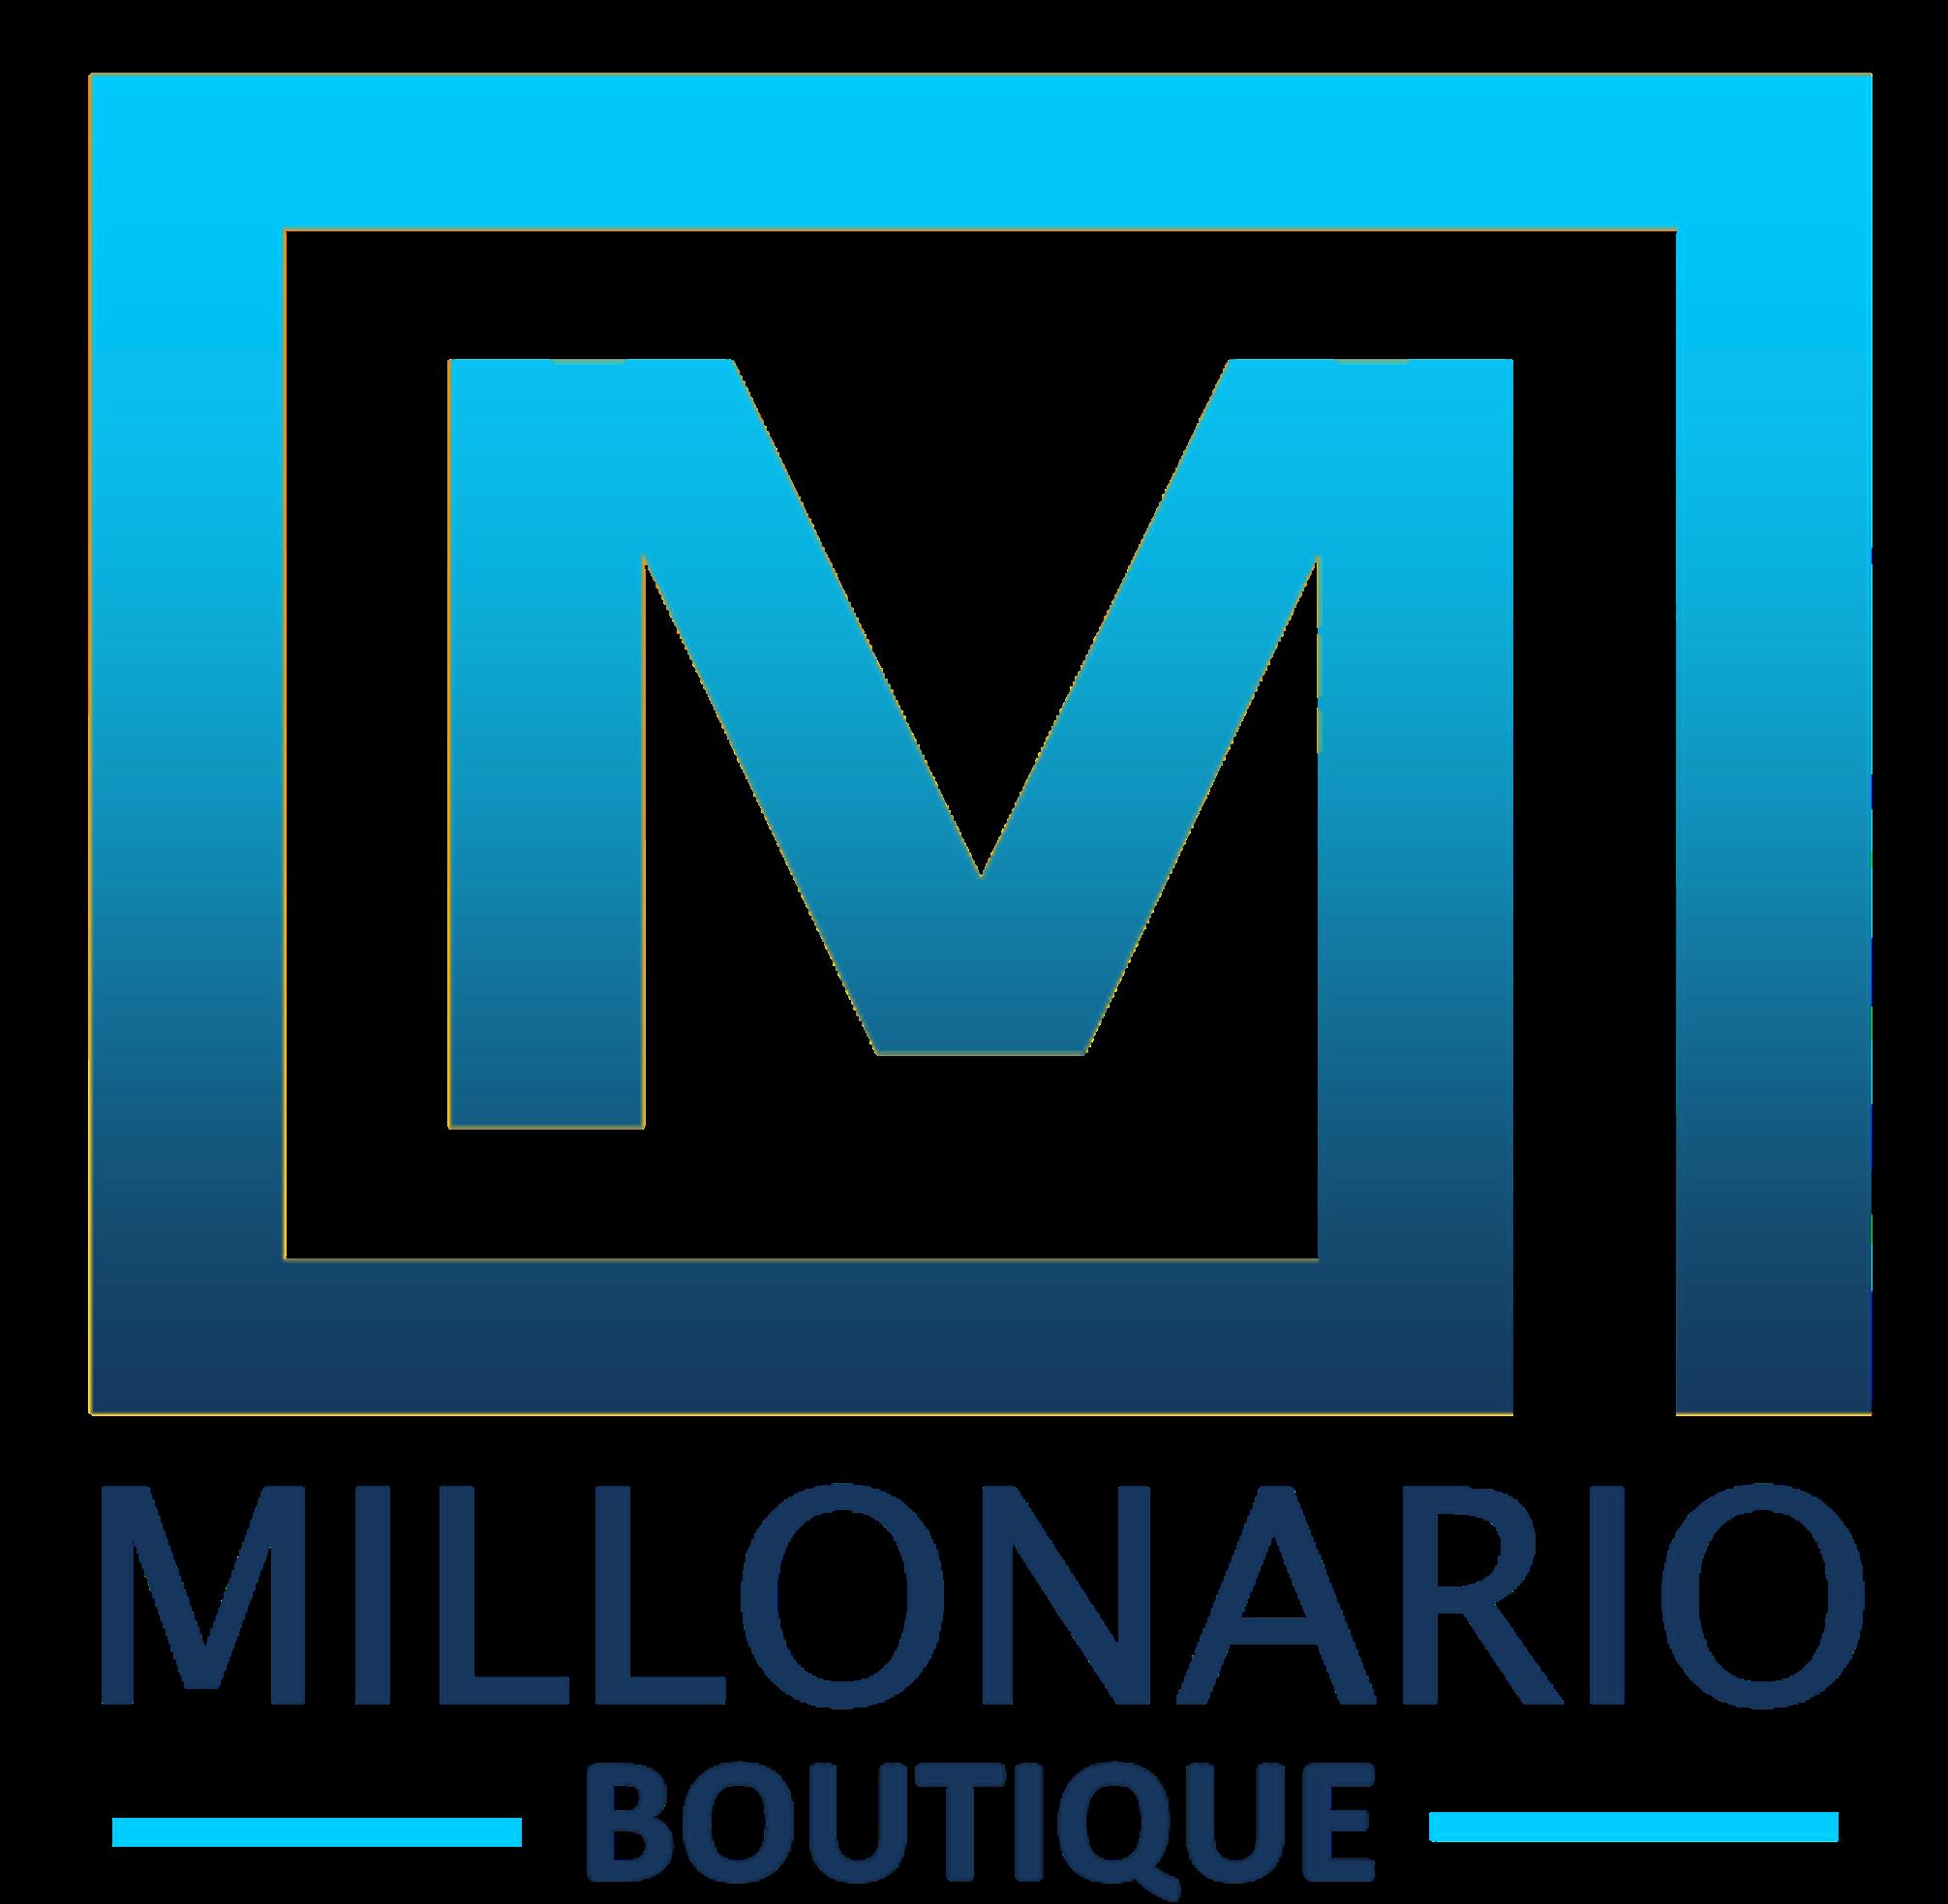 Millonario Boutique